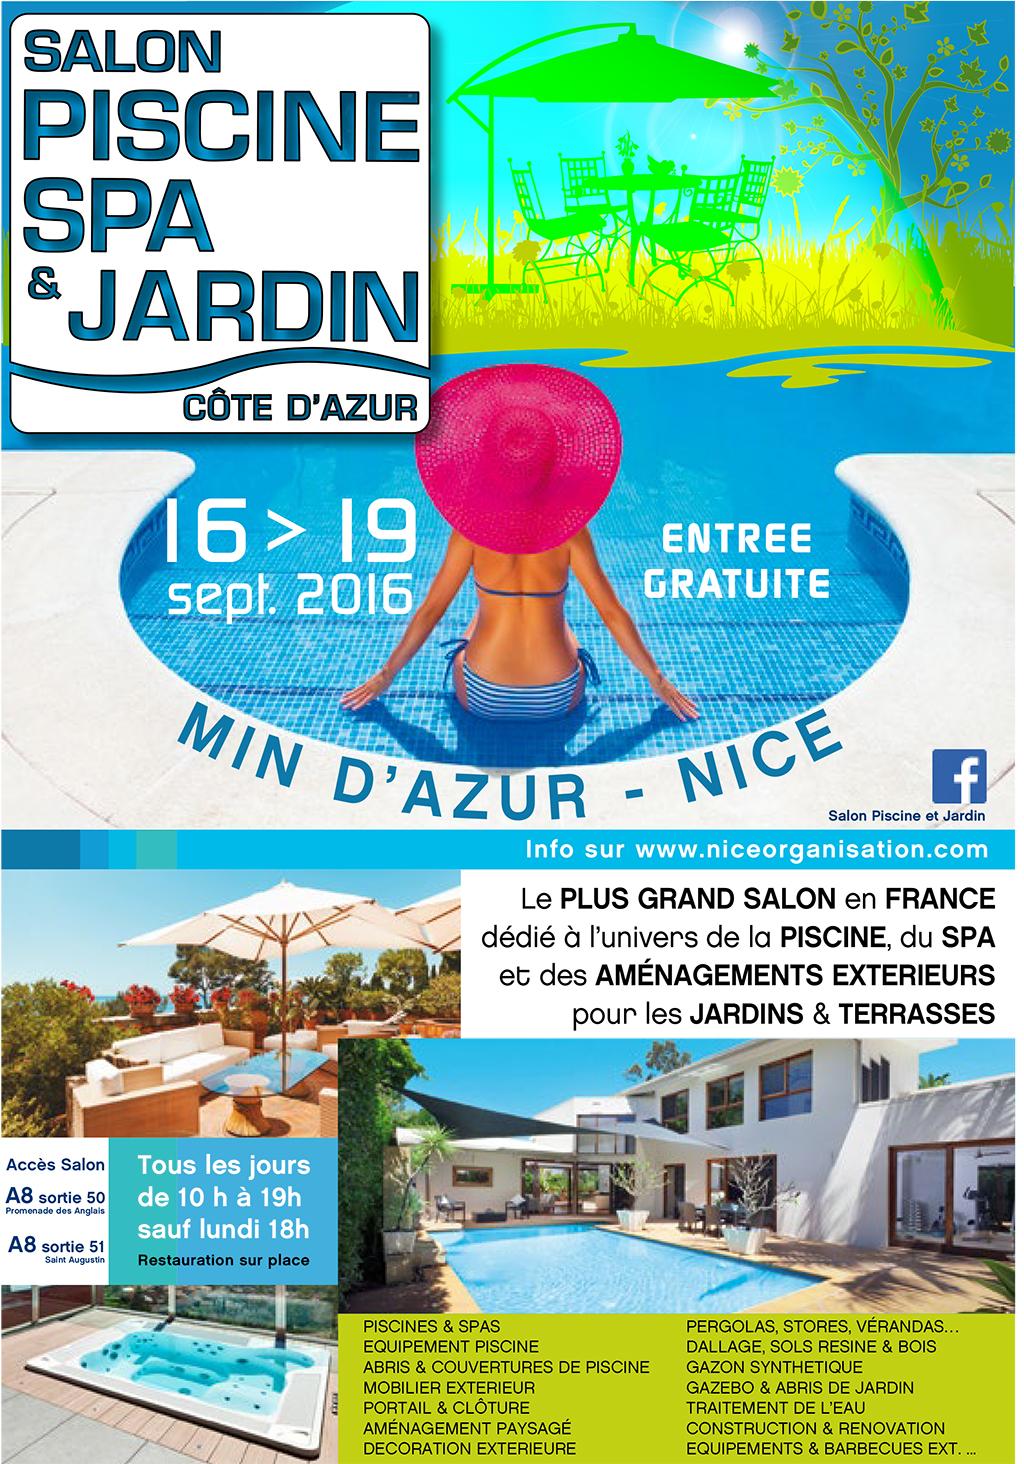 Salon Piscine, Spa et Jardin 2016 - ADONIS PAYSAGES